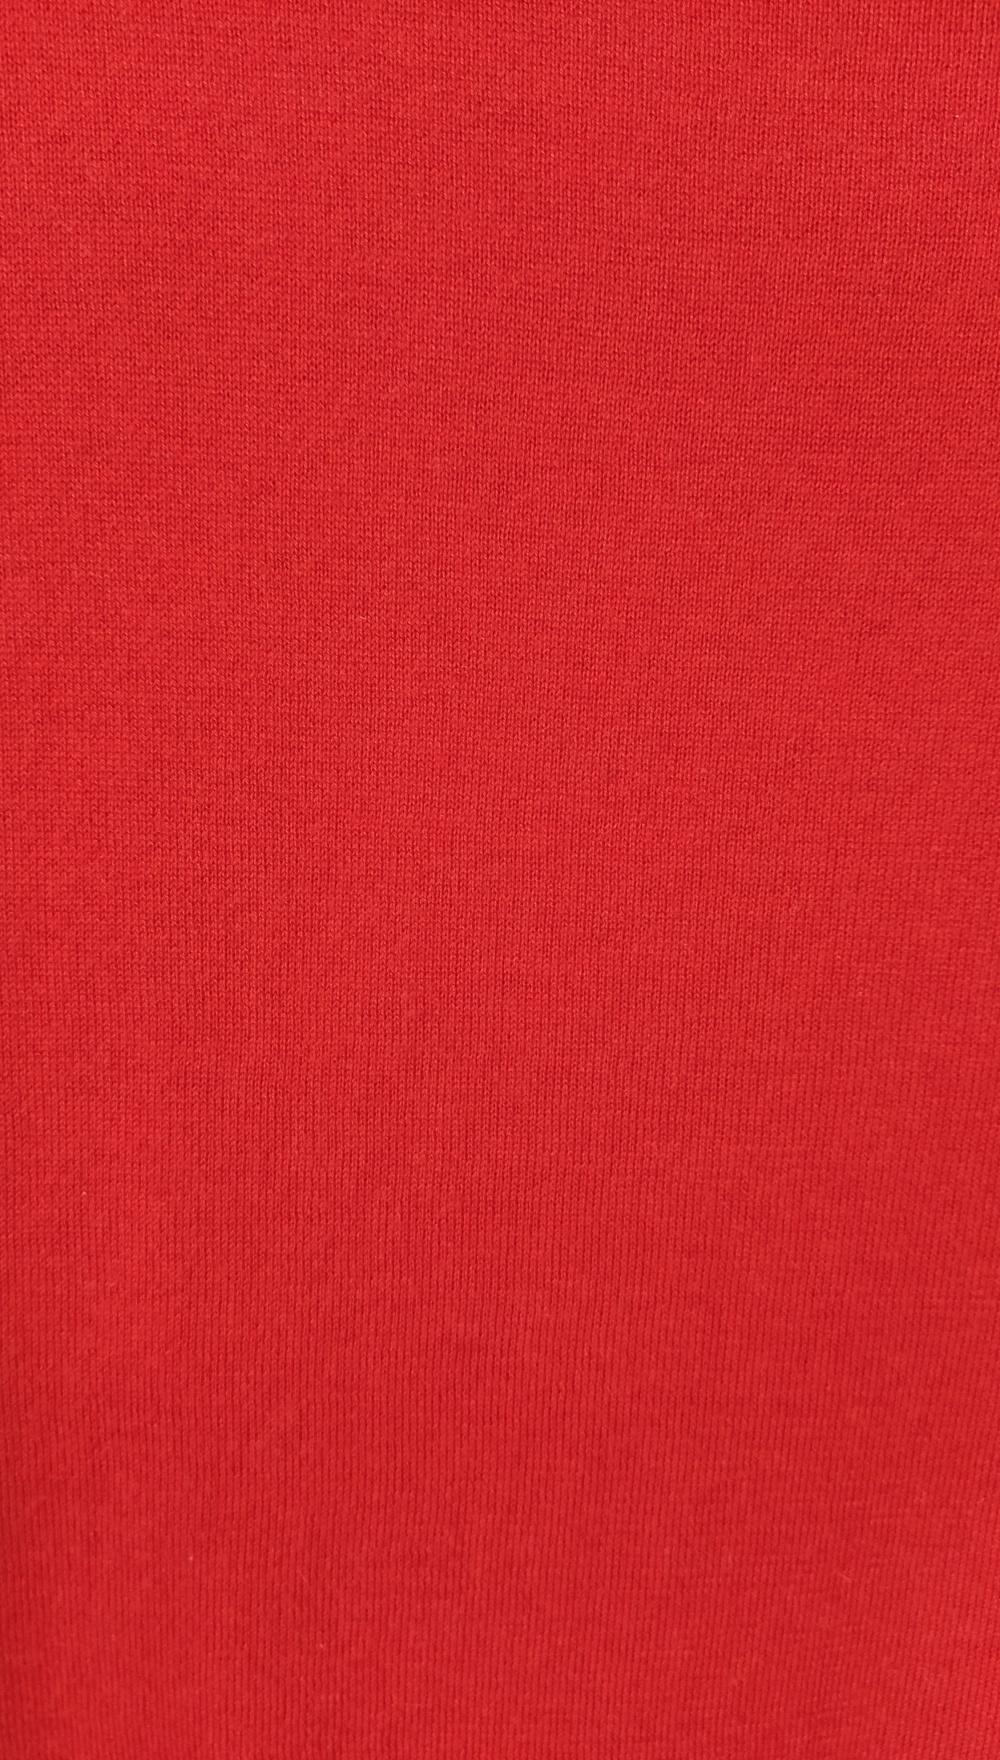 Кашемирово - шелковый свитер Snobby Sheep, 46-48